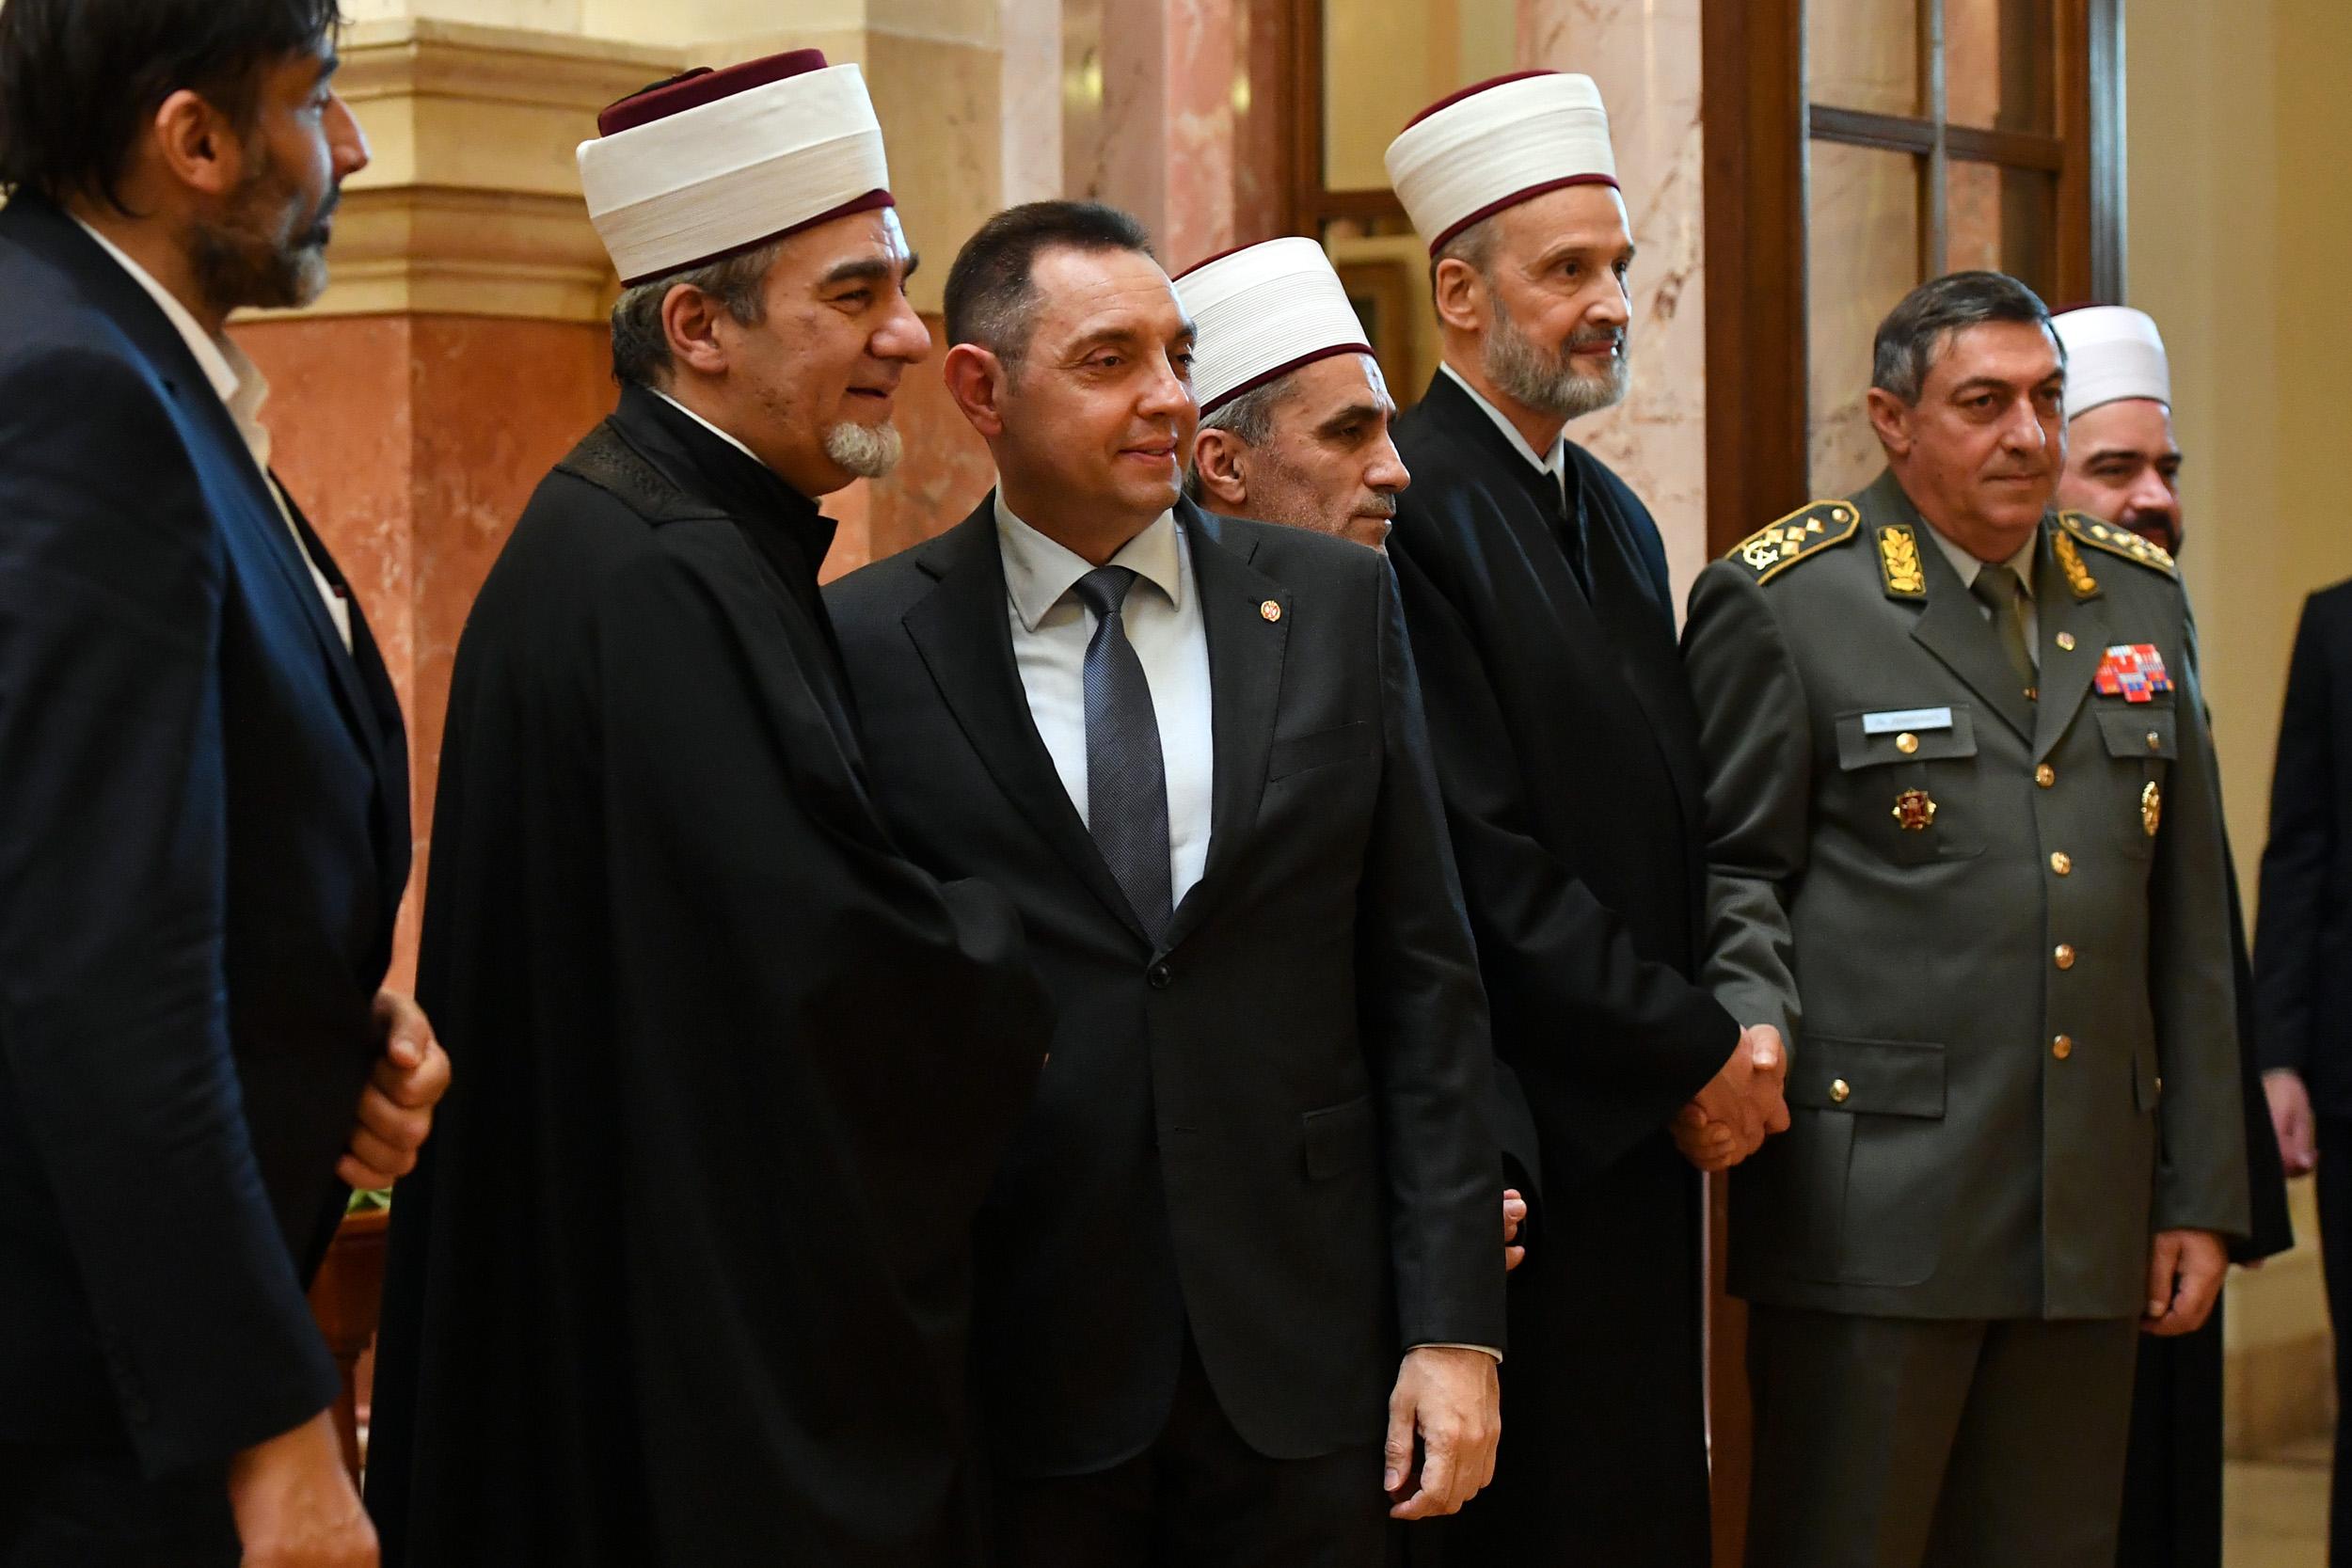 MINISTARSTVO ODBRANE - REAGOVANJE POVODOM 150 GODINA ISLAMSKE ZAJEDNICE SRBIJE